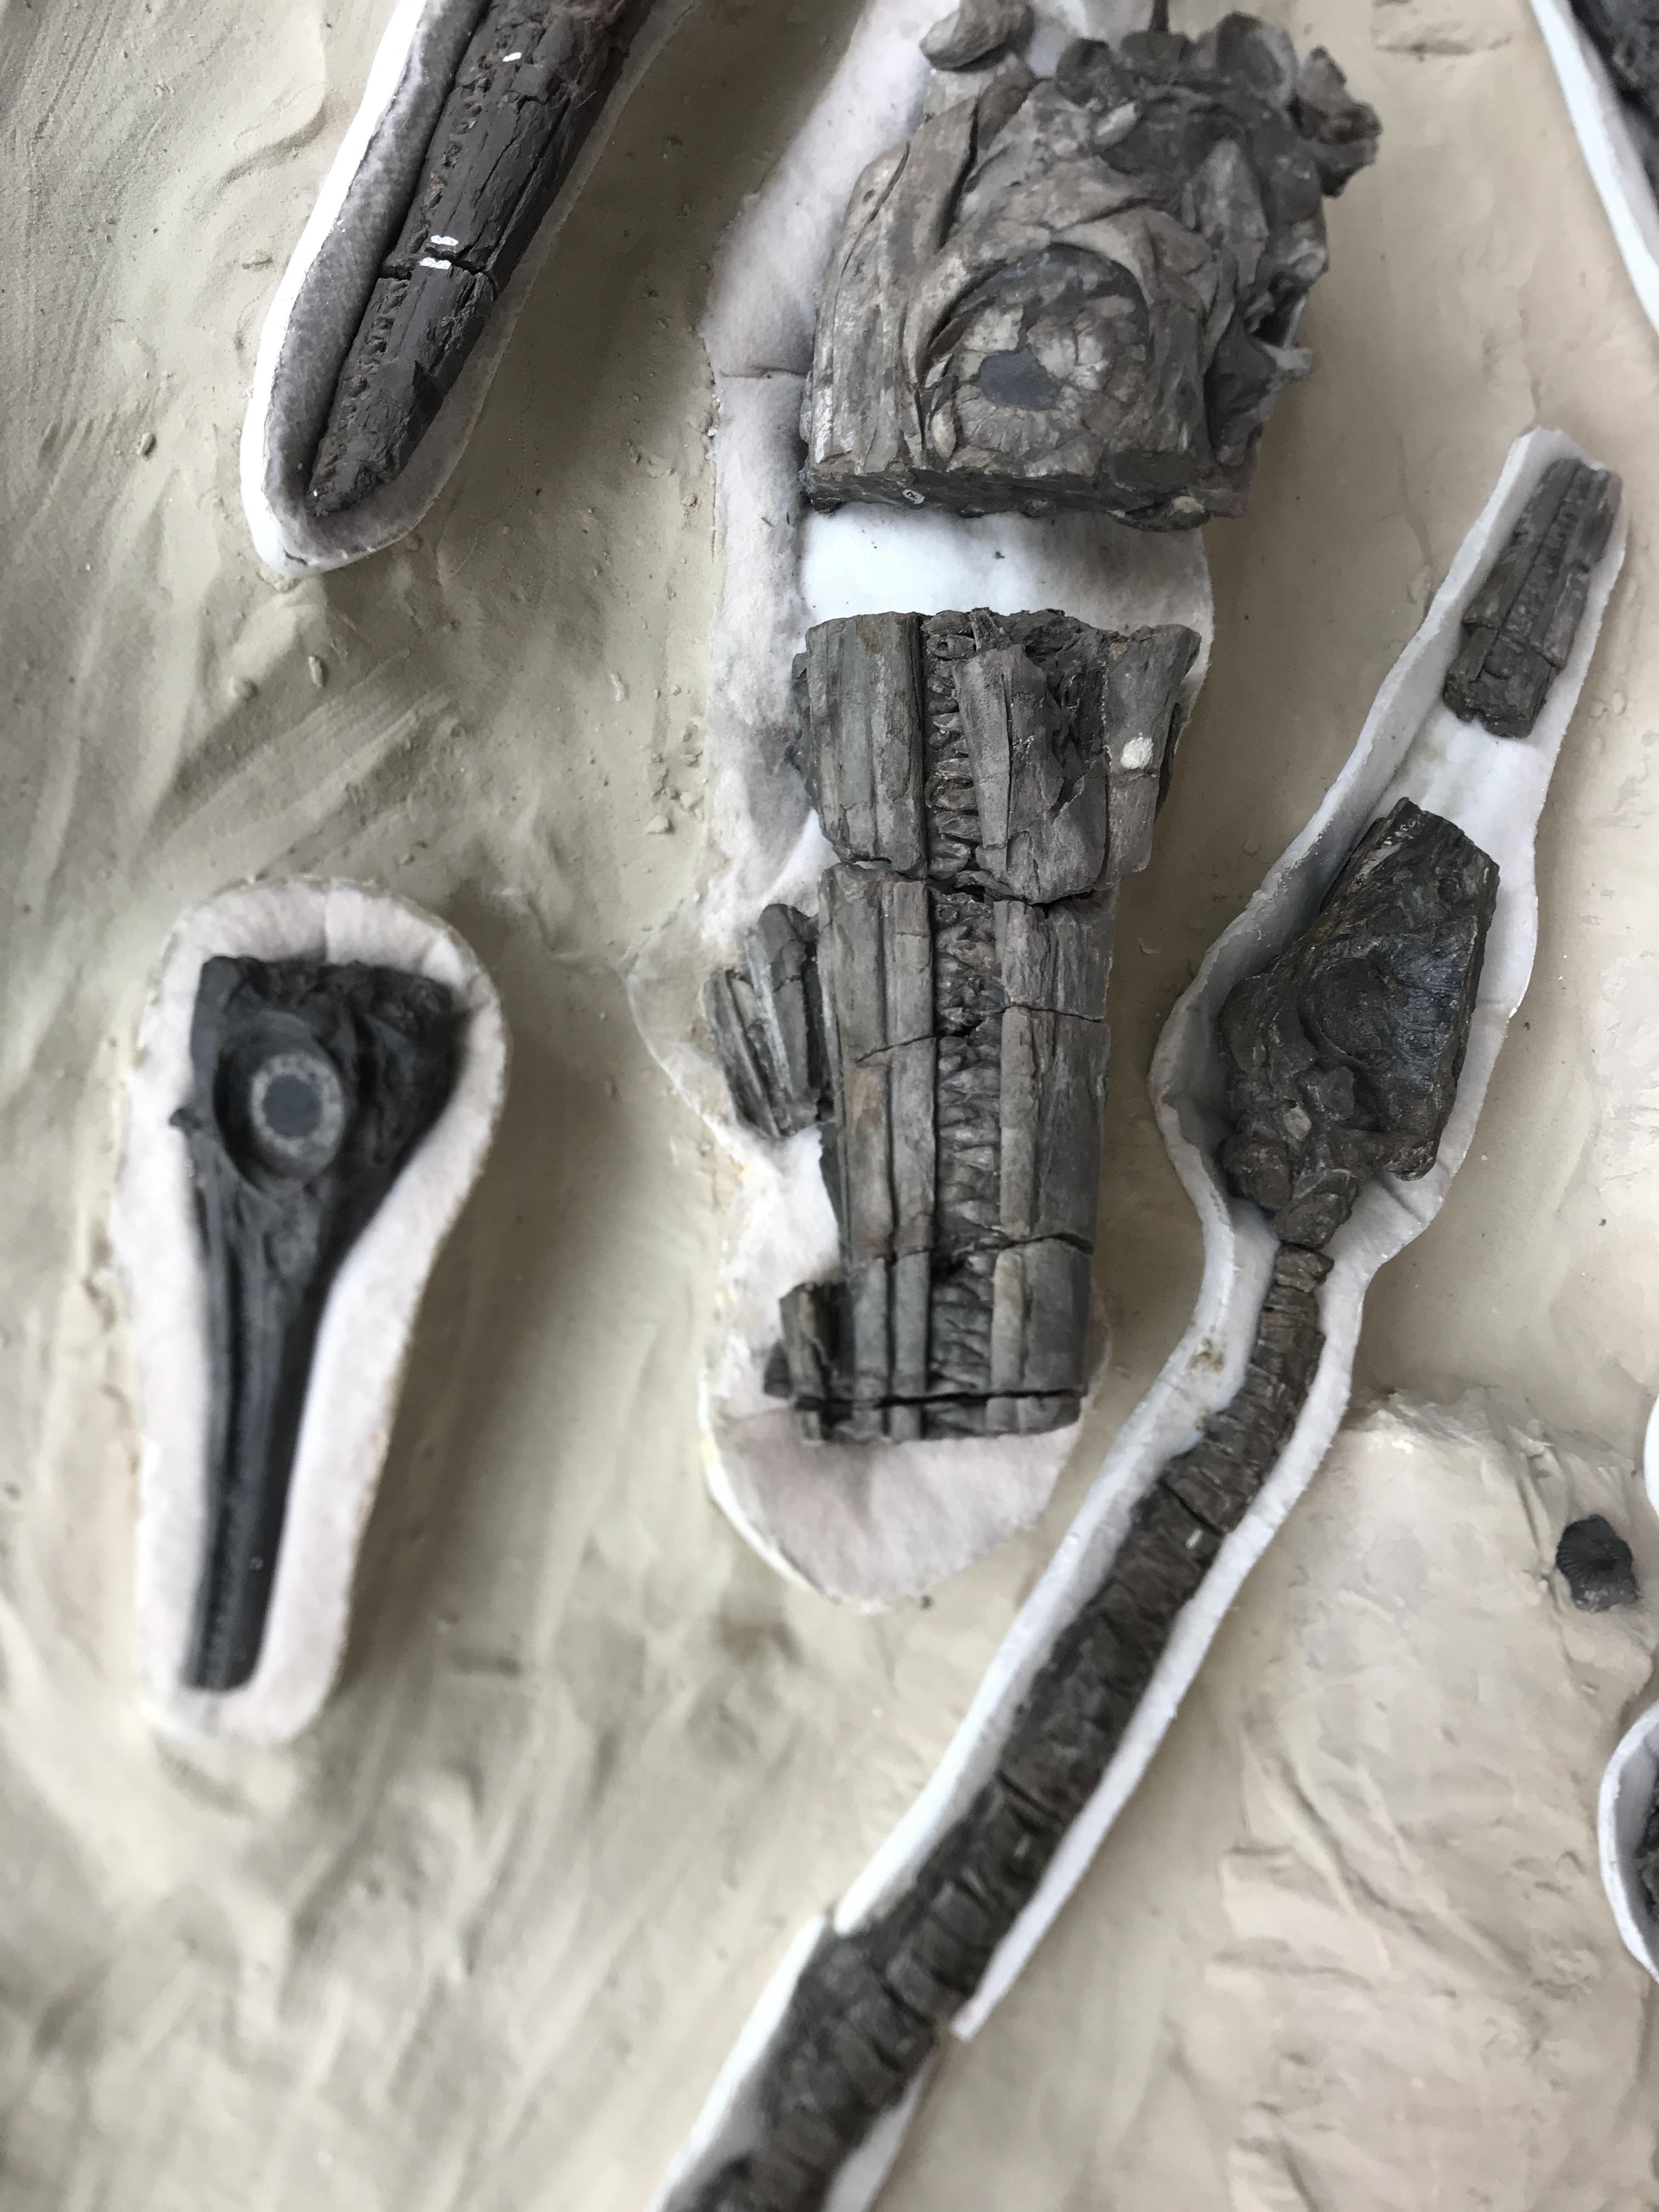 villa de leyva fossil fish.jpg